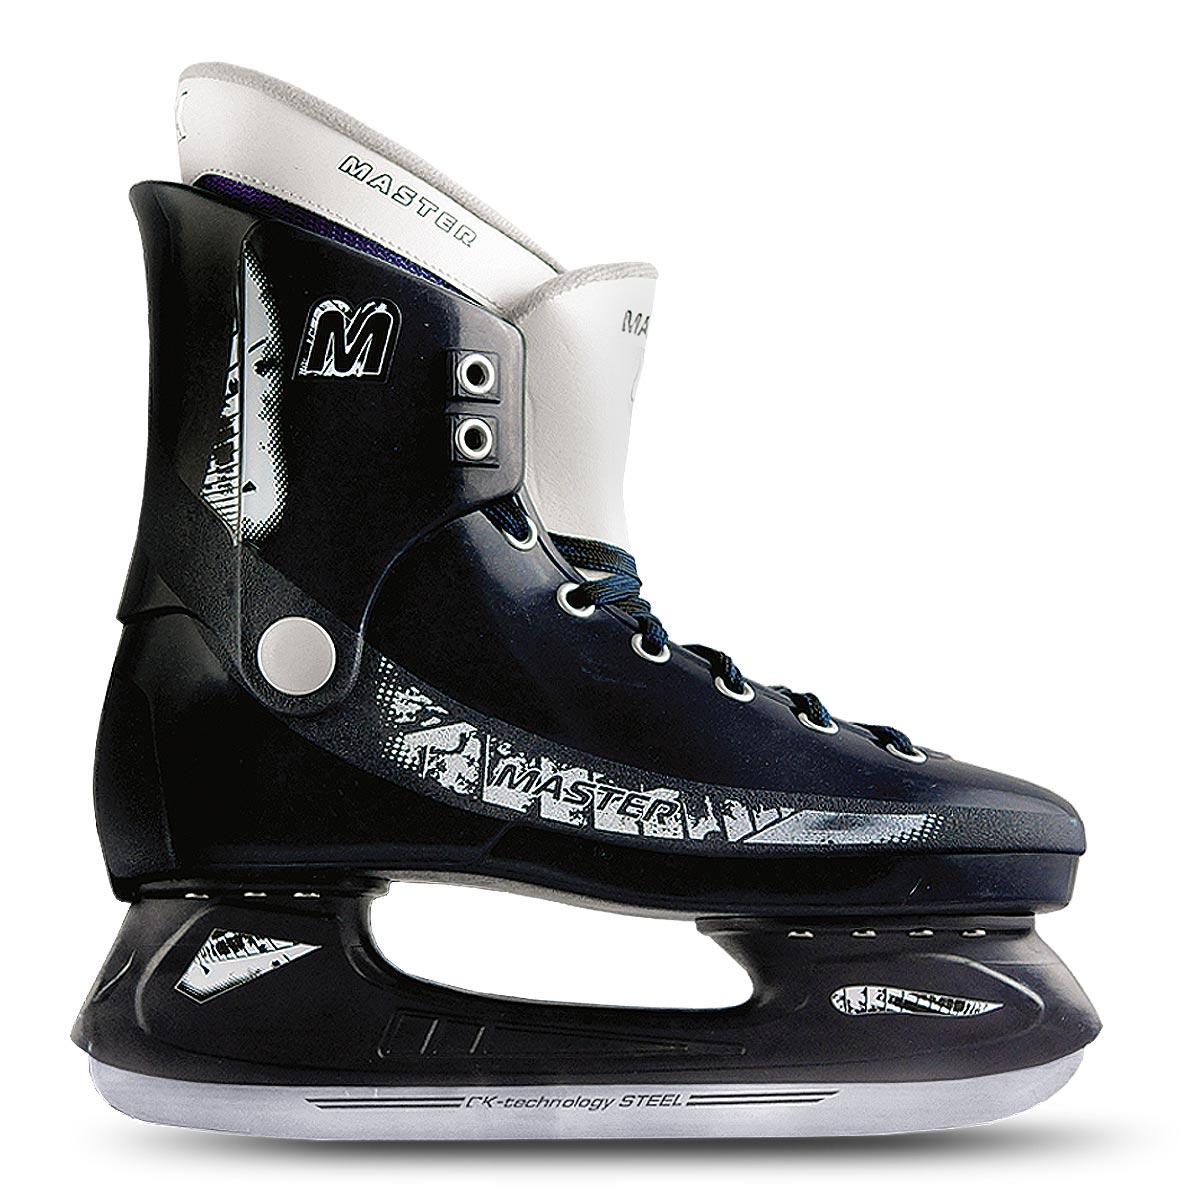 Коньки хоккейные мужские CK Master Deluxe, цвет: синий. Размер 41MASTER deluxe_синий_41Стильные коньки от CK Master Deluxe с ударопрочной защитной конструкцией отлично подойдут для начинающих обучаться катанию. Ботинки изготовлены из морозостойкого полимера, который защитит ноги от ударов. Верх изделия оформлен классической шнуровкой, надежно фиксирующей голеностоп. Сапожок, выполненный из комбинации капровелюра и искусственной кожи, оформлен принтом и тиснением в виде логотипа бренда. Внутренняя поверхность, дополненная утеплителем, и стелька исполнены из текстиля. Фигурное лезвие изготовлено из нержавеющей легированной стали со специальным покрытием, придающим дополнительную прочность.Усиленная двух-стаканная рама декорирована с одной из боковых сторон оригинальным принтом. Стильные коньки придутся вам по душе.Уважаемые клиенты, обращаем ваше внимание на тот факт, что модель маломерит: при заказе выбирайте размер на 1-2 превышающий ваш собственный.